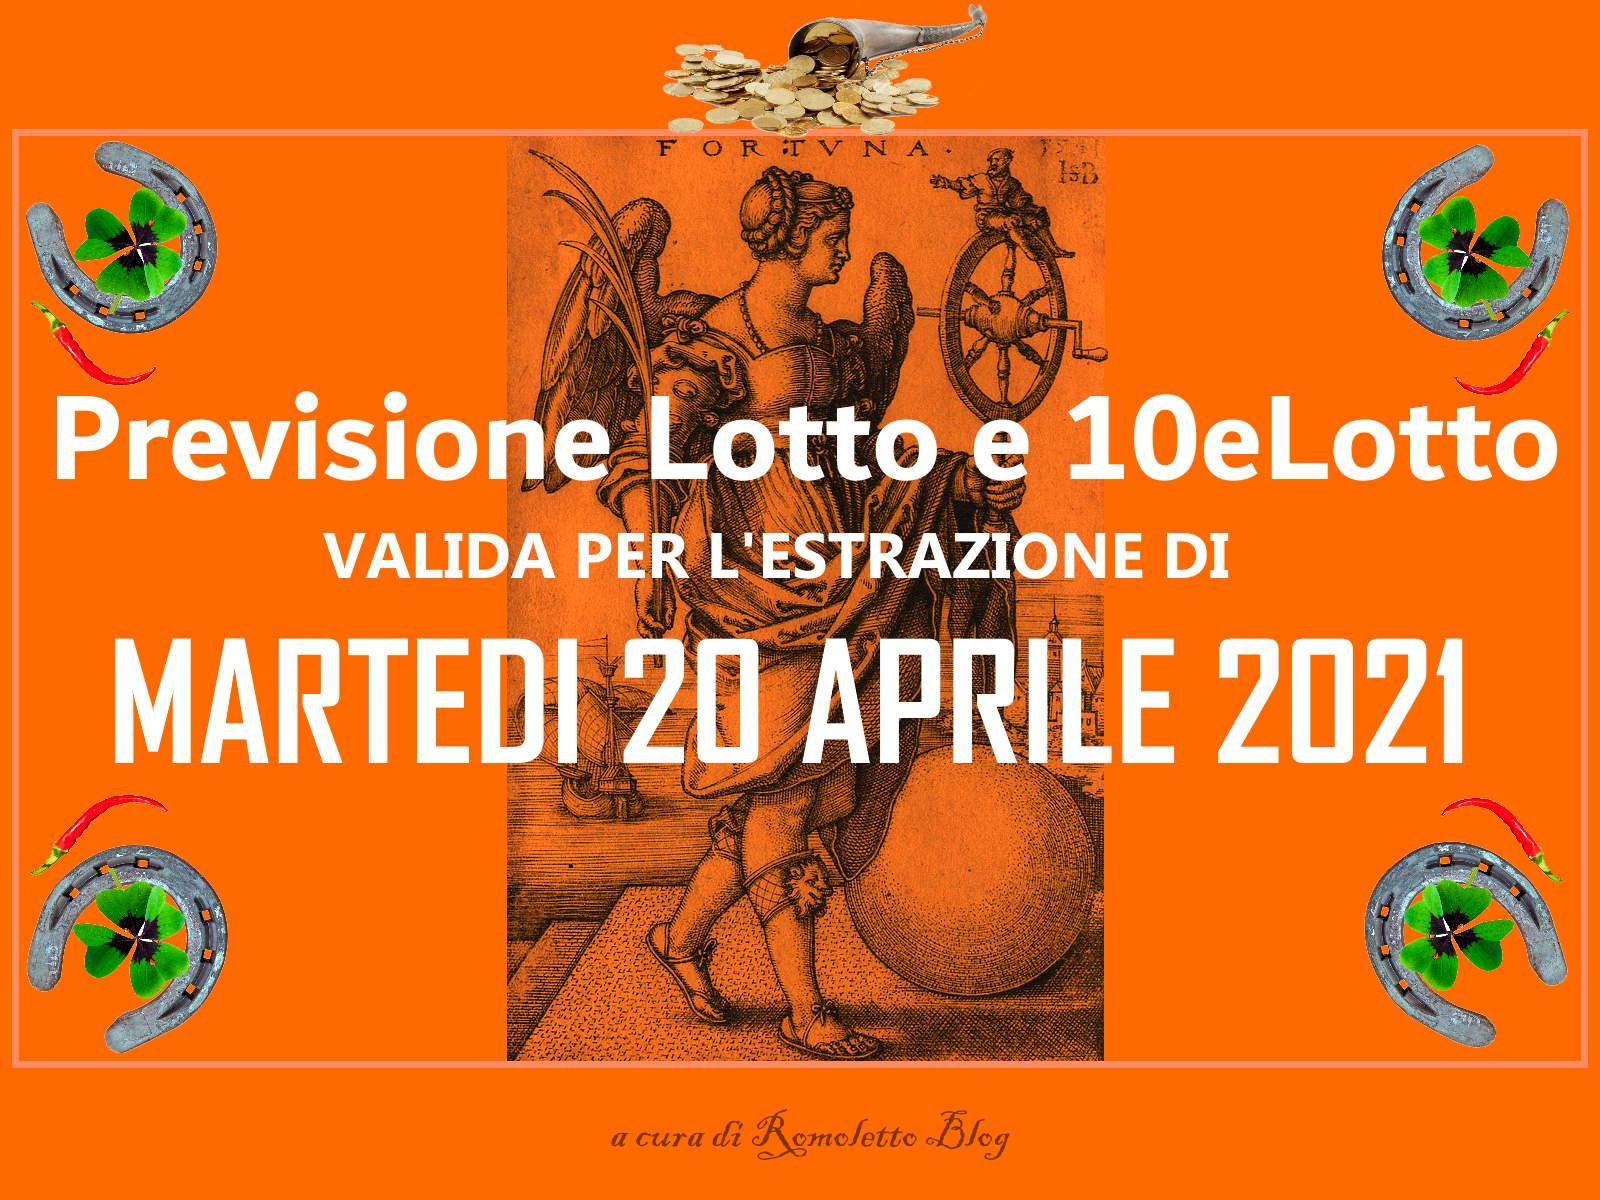 Previsione Lotto 20 Aprile 2021